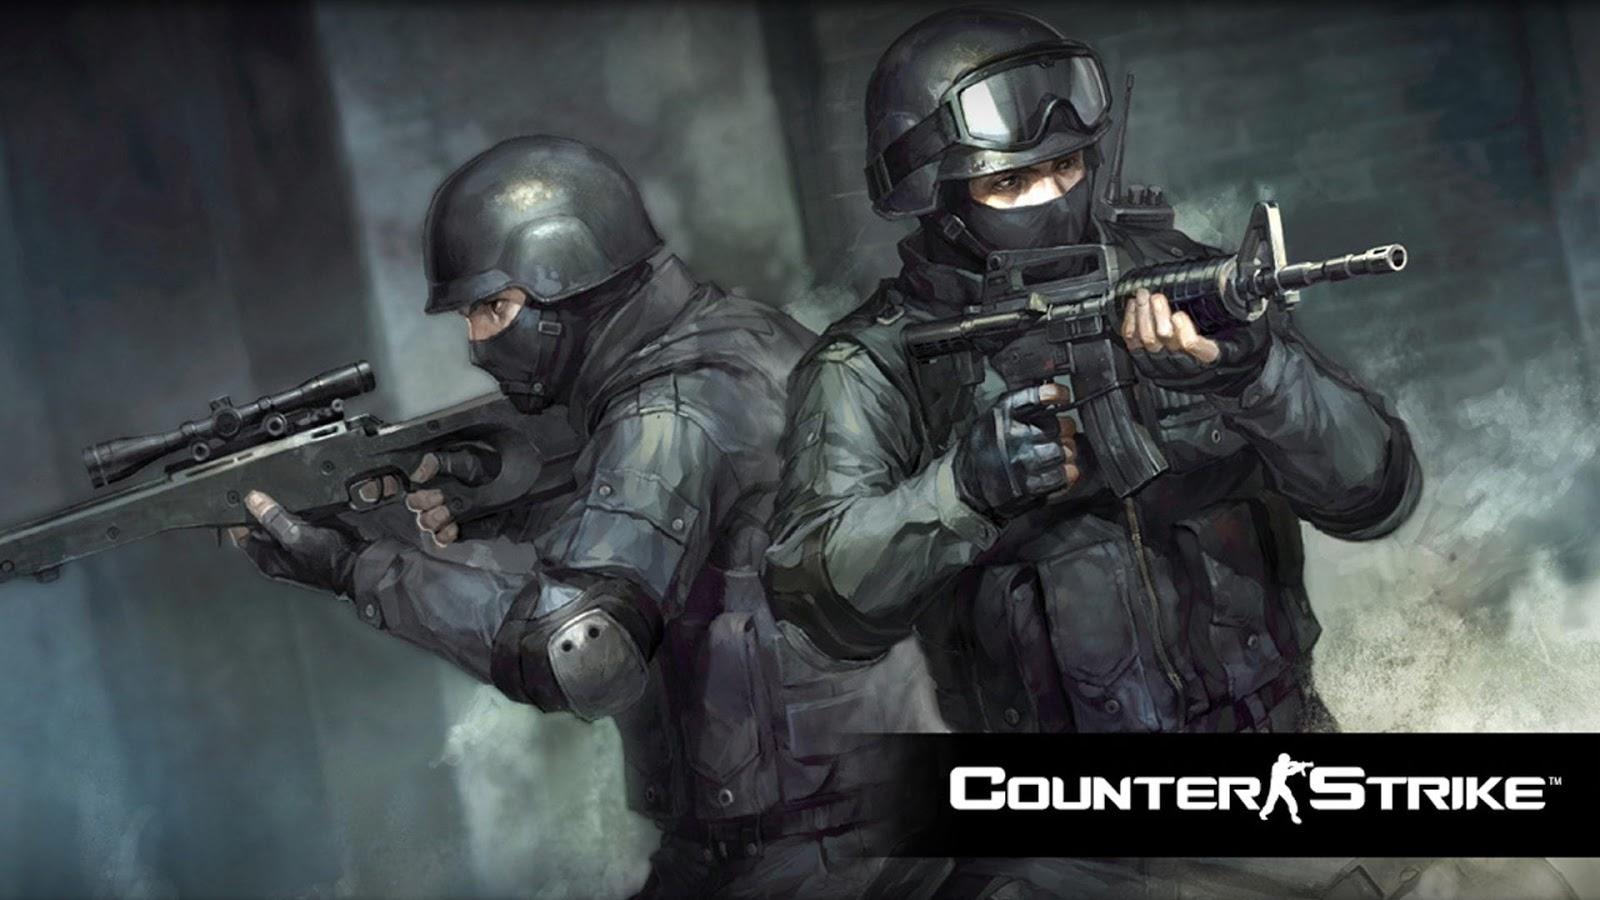 تحميل لعبة كونتر سترايك Counter Strike 1.6 بحجم خفيف جداً